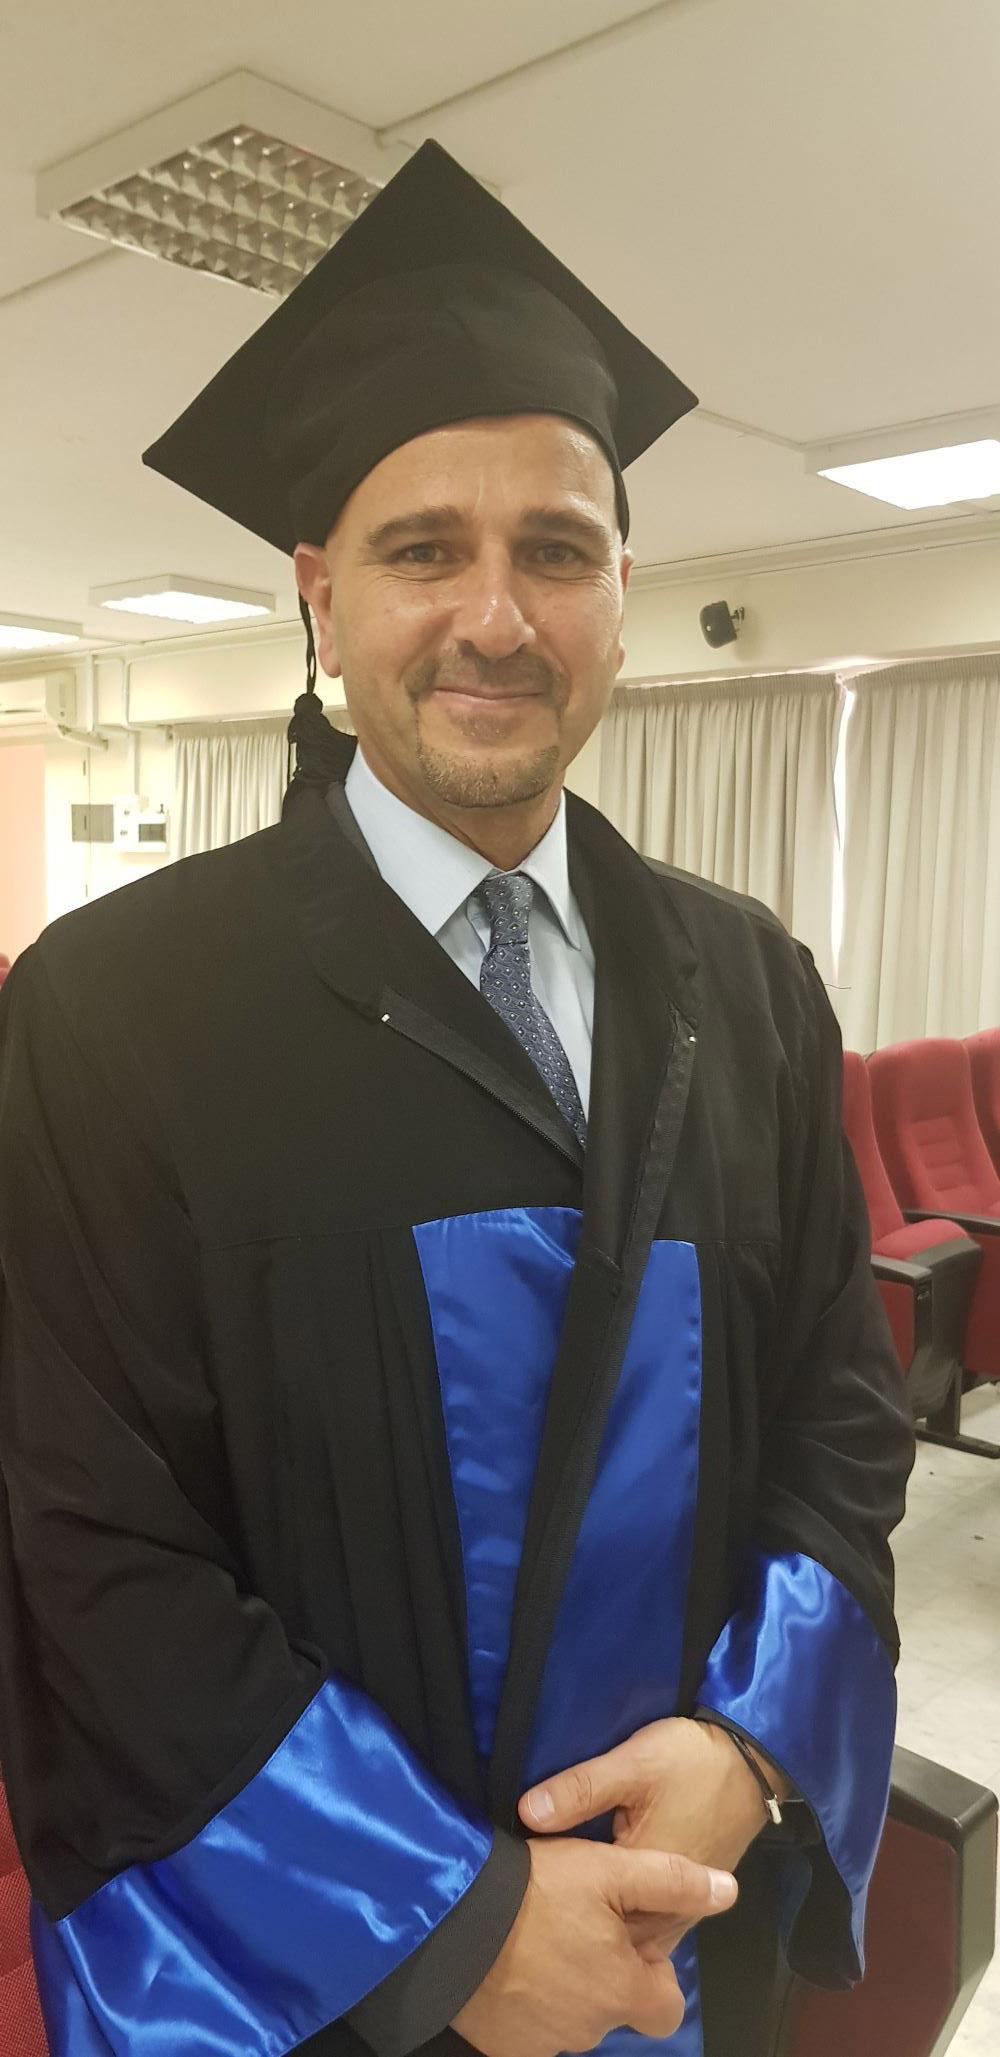 تخرج نديم محسن من الجامعة عام 1985 (اندبندنت عربية)